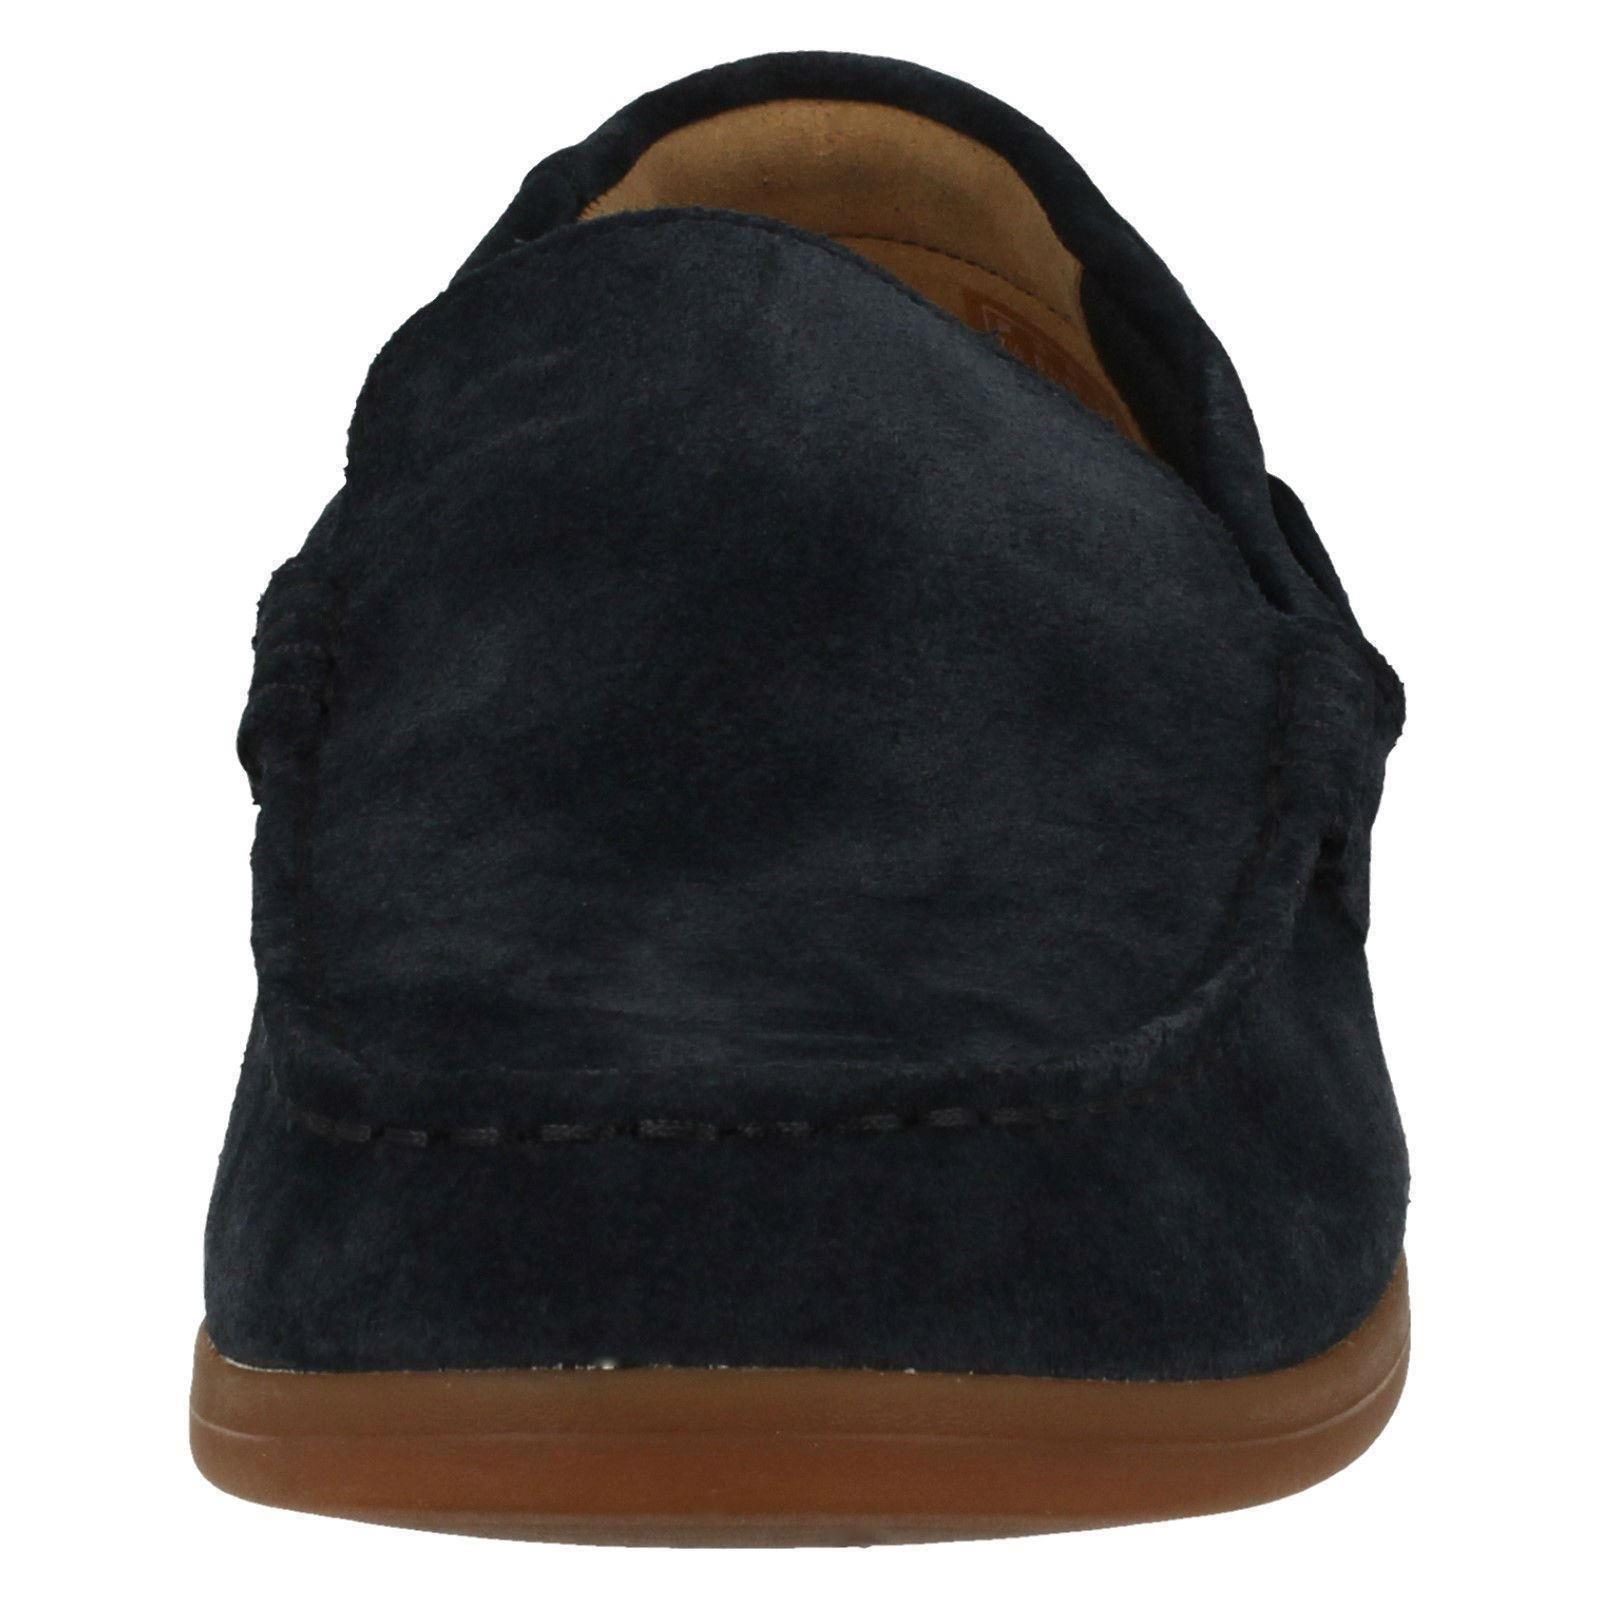 Herren Clarks Clarks Herren Casual Loafers 'Morven Sun' 79b0de